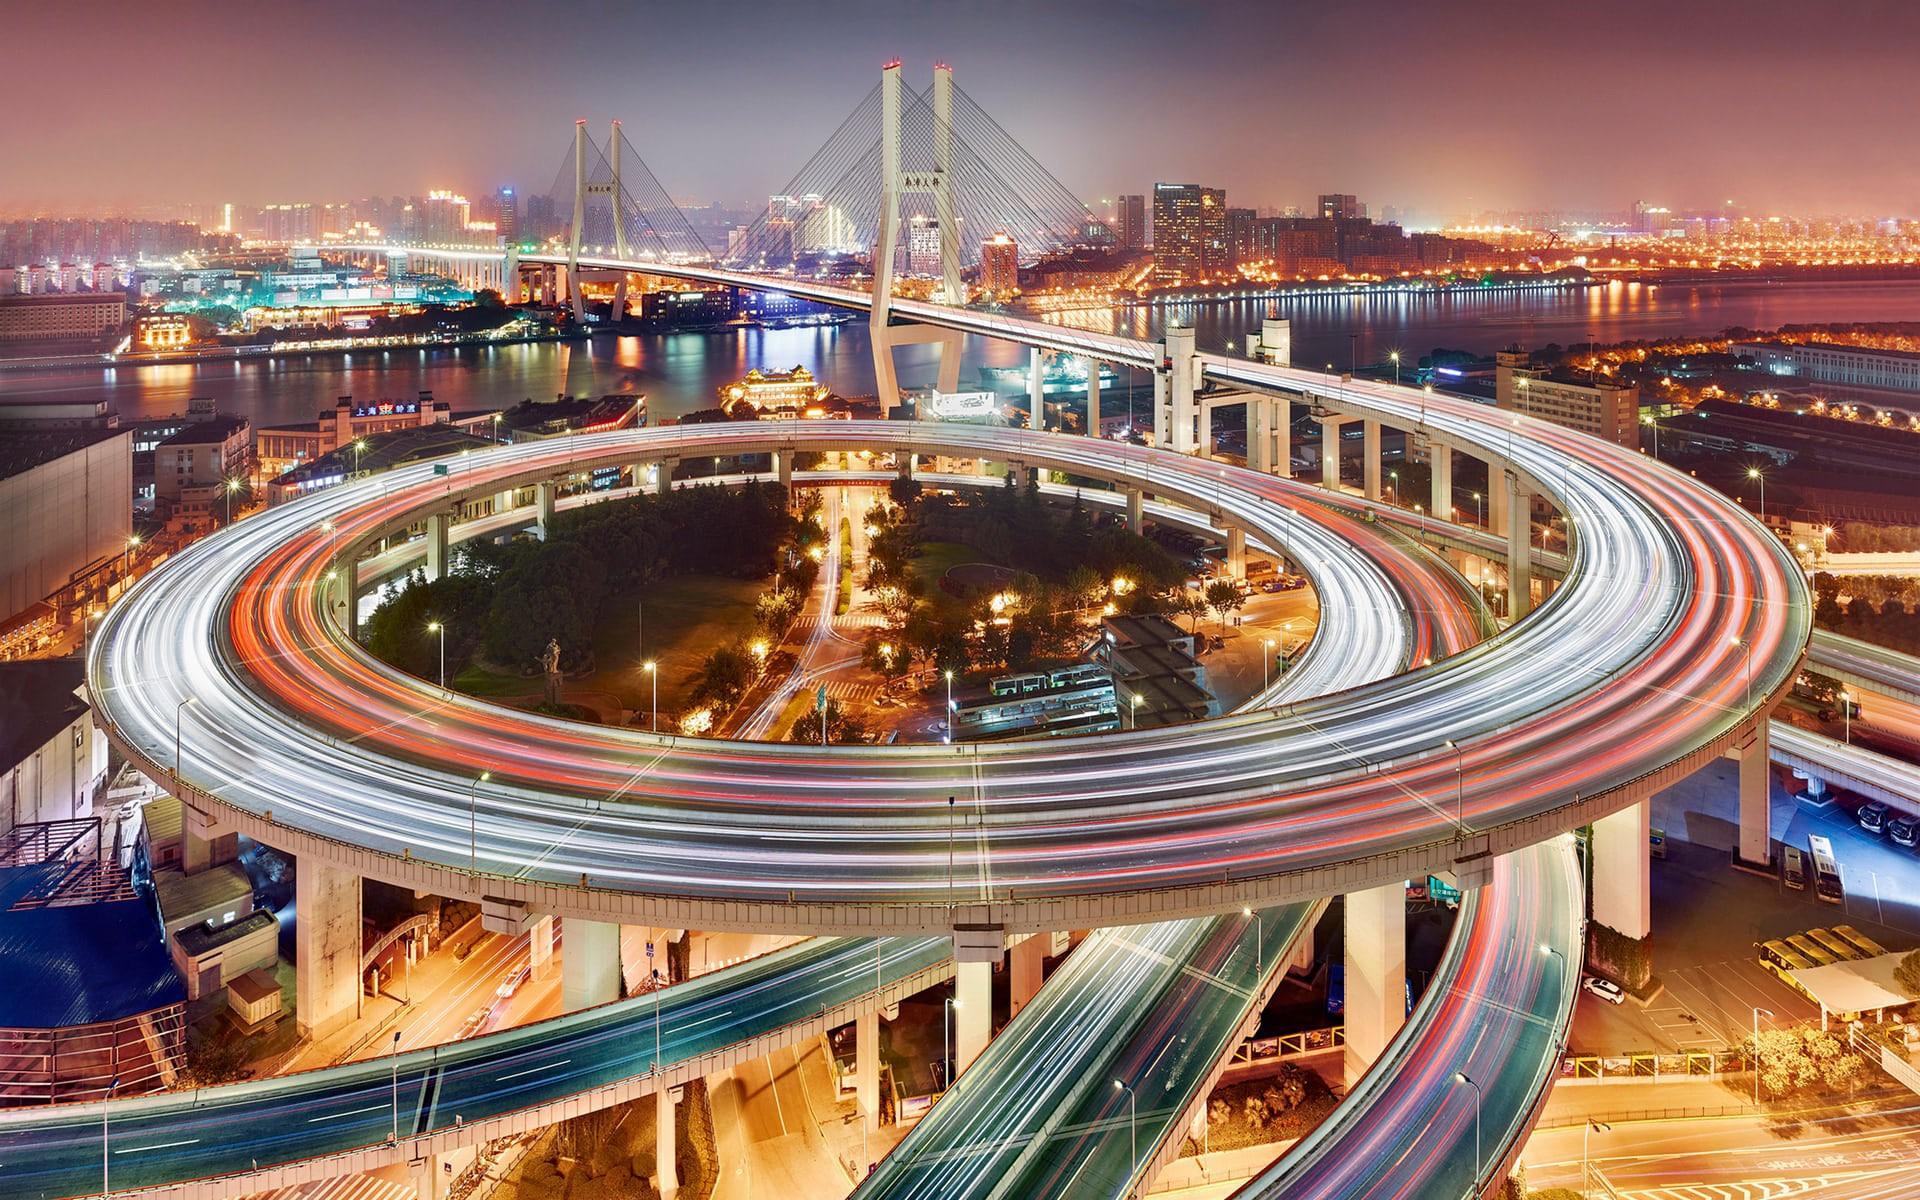 Ngắm ảnh các thành phố huyền thoại và rực rỡ về đêm